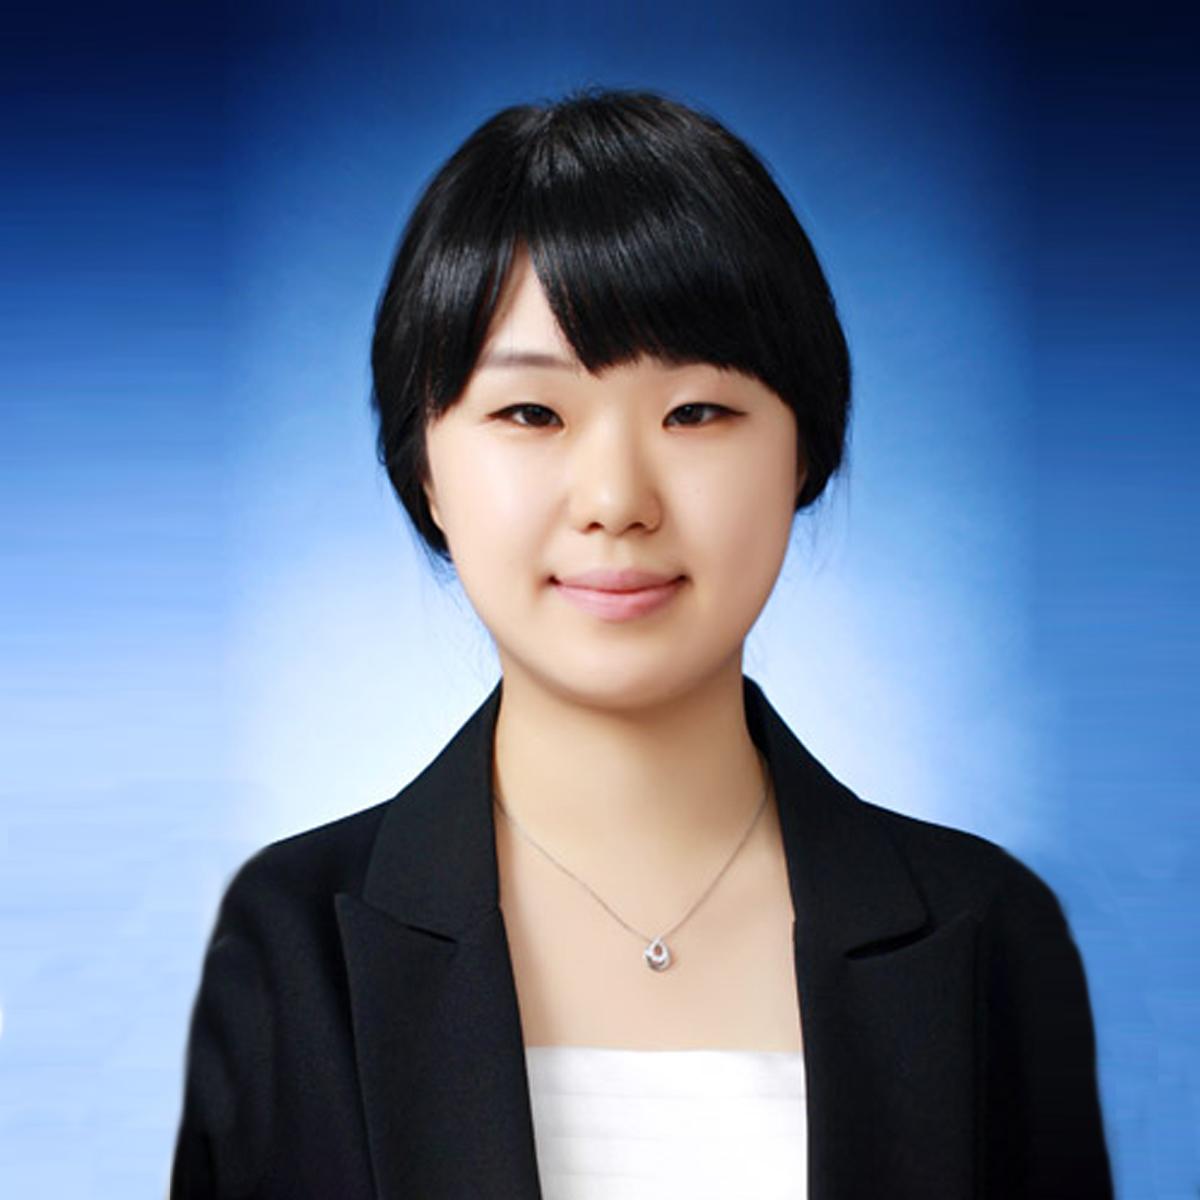 songyoungshin